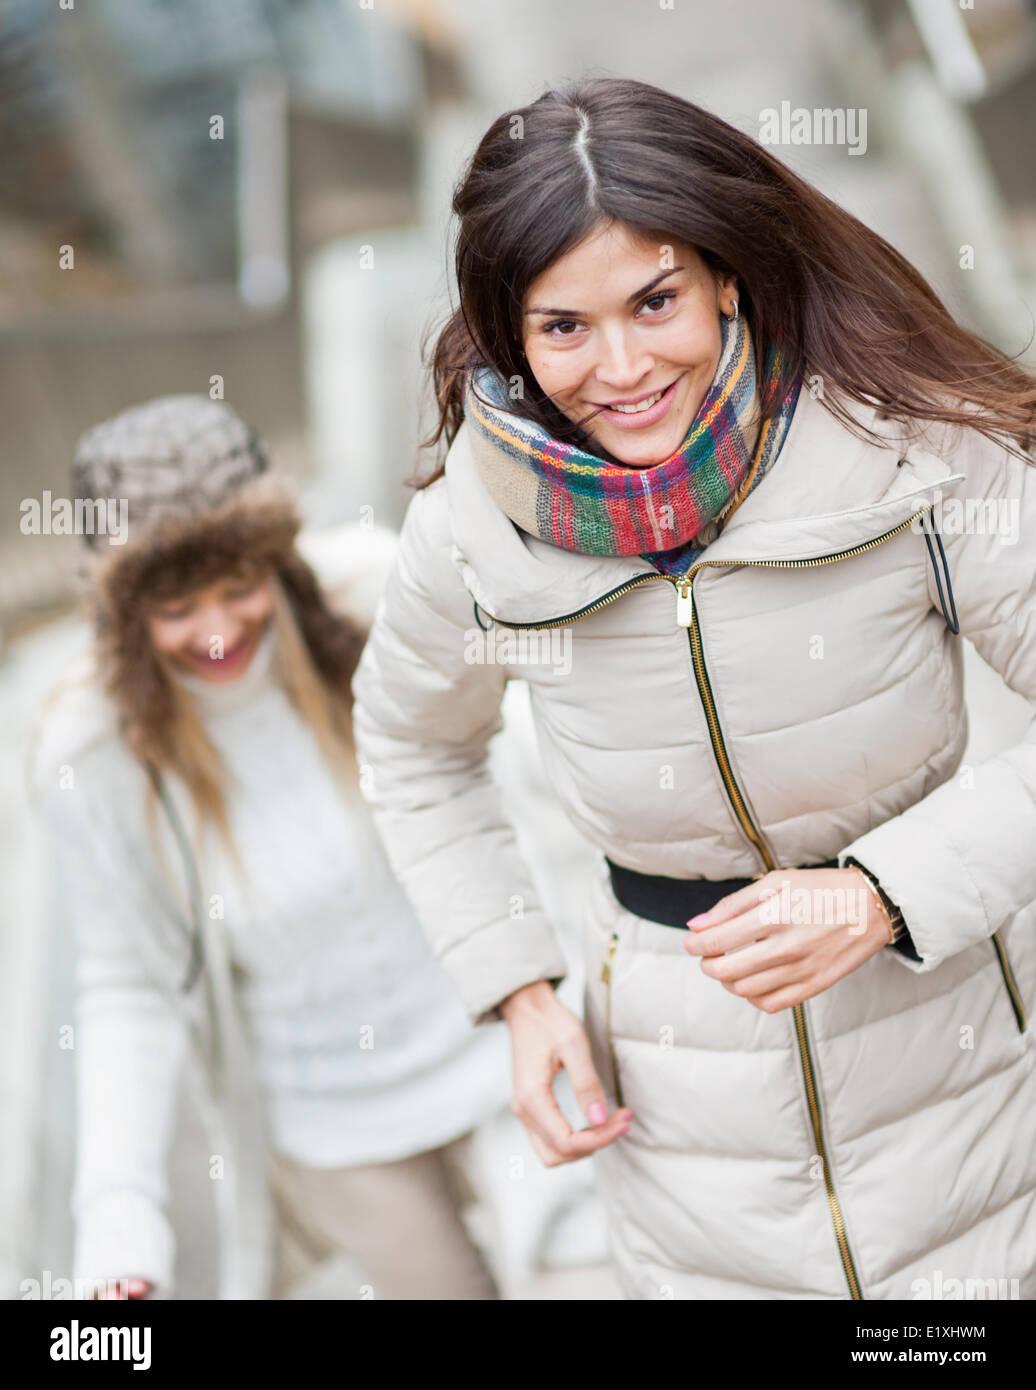 Sorridente giovane donna a salire le scale con un amico all'aperto Immagini Stock